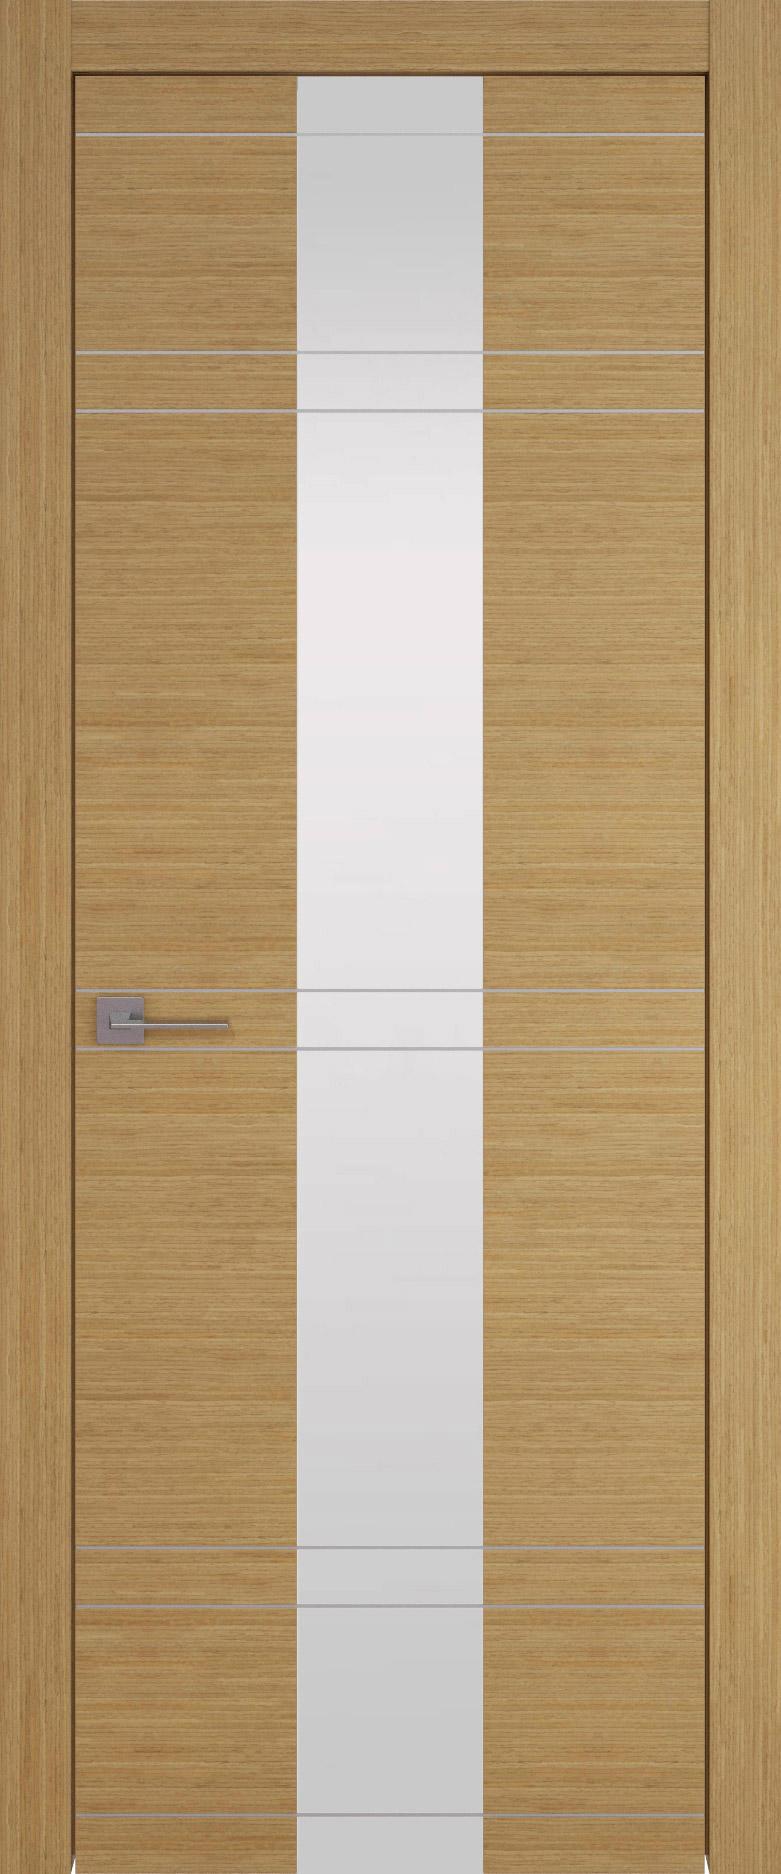 Tivoli Ж-4 цвет - Миланский орех Со стеклом (ДО)